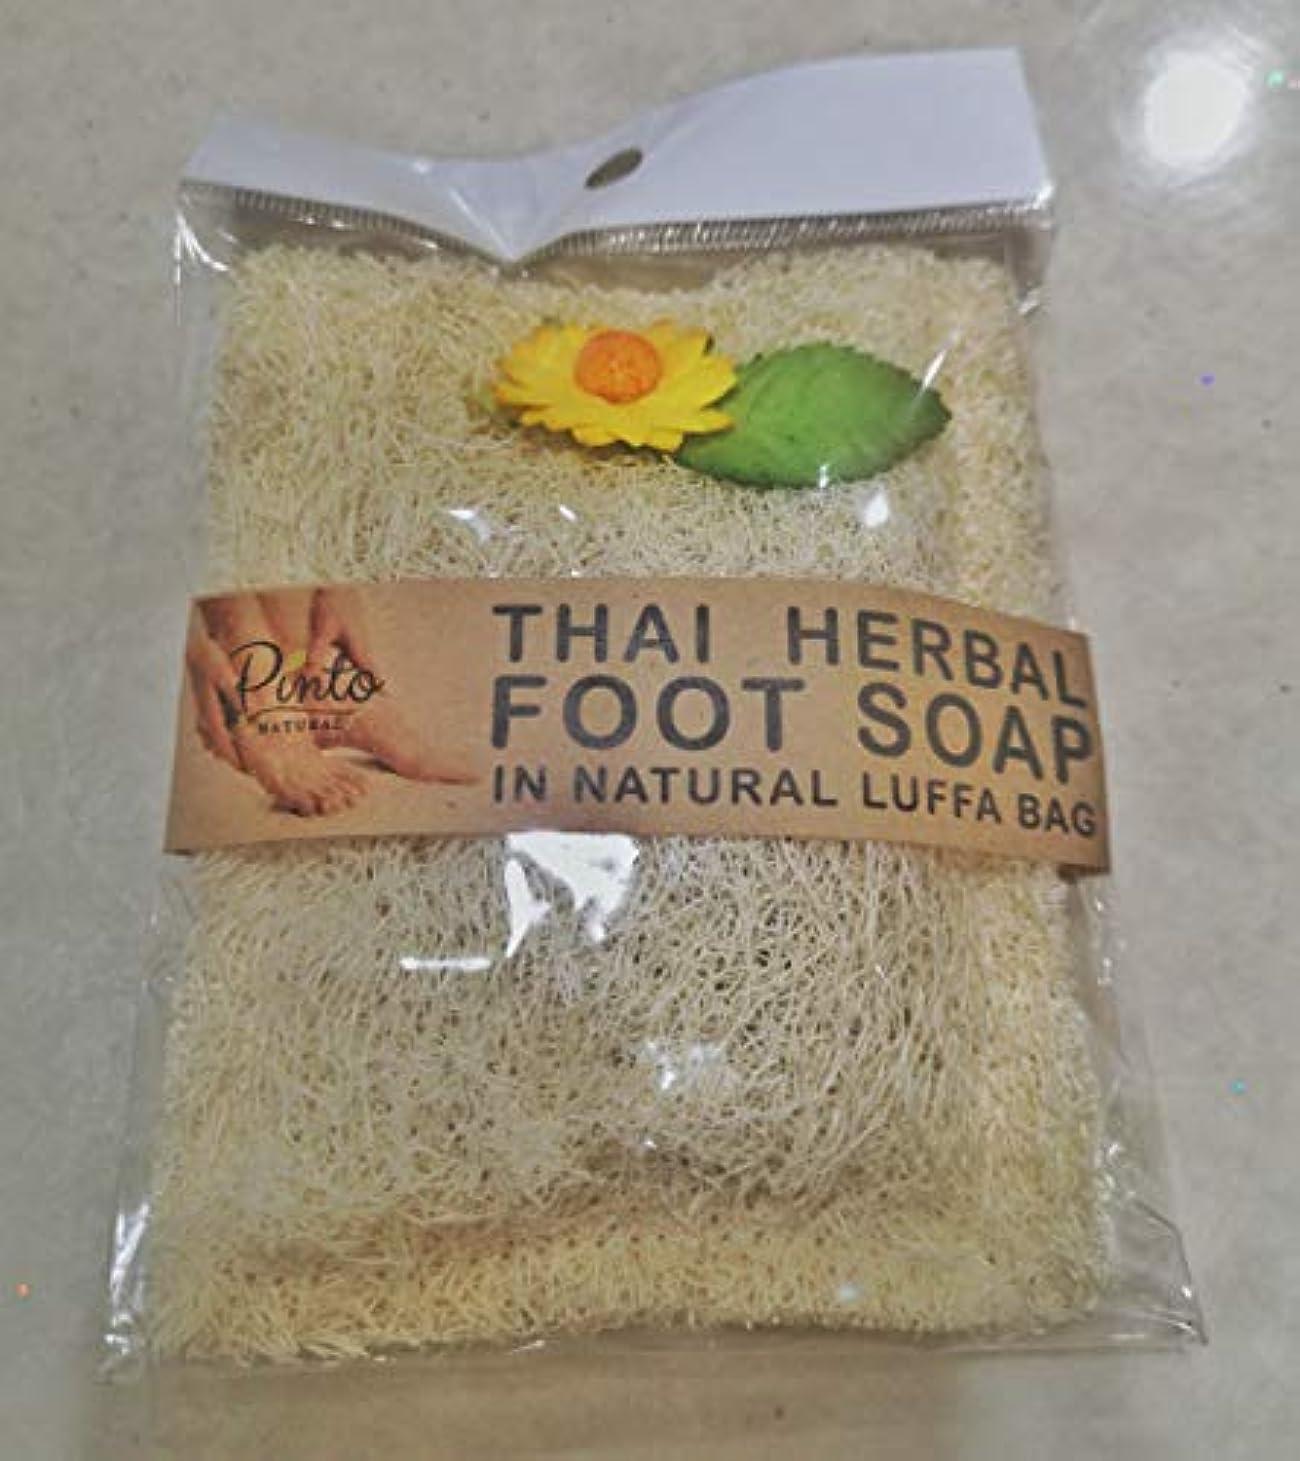 栄光のトリッキーほのめかす1 PC THAI HERBAL FOOT SOAP WITH NATURAL LUFFA BAG WITH LEMONGRASS SMELL BODY SCRUBB WITH NATURAL FREE SHIPPING